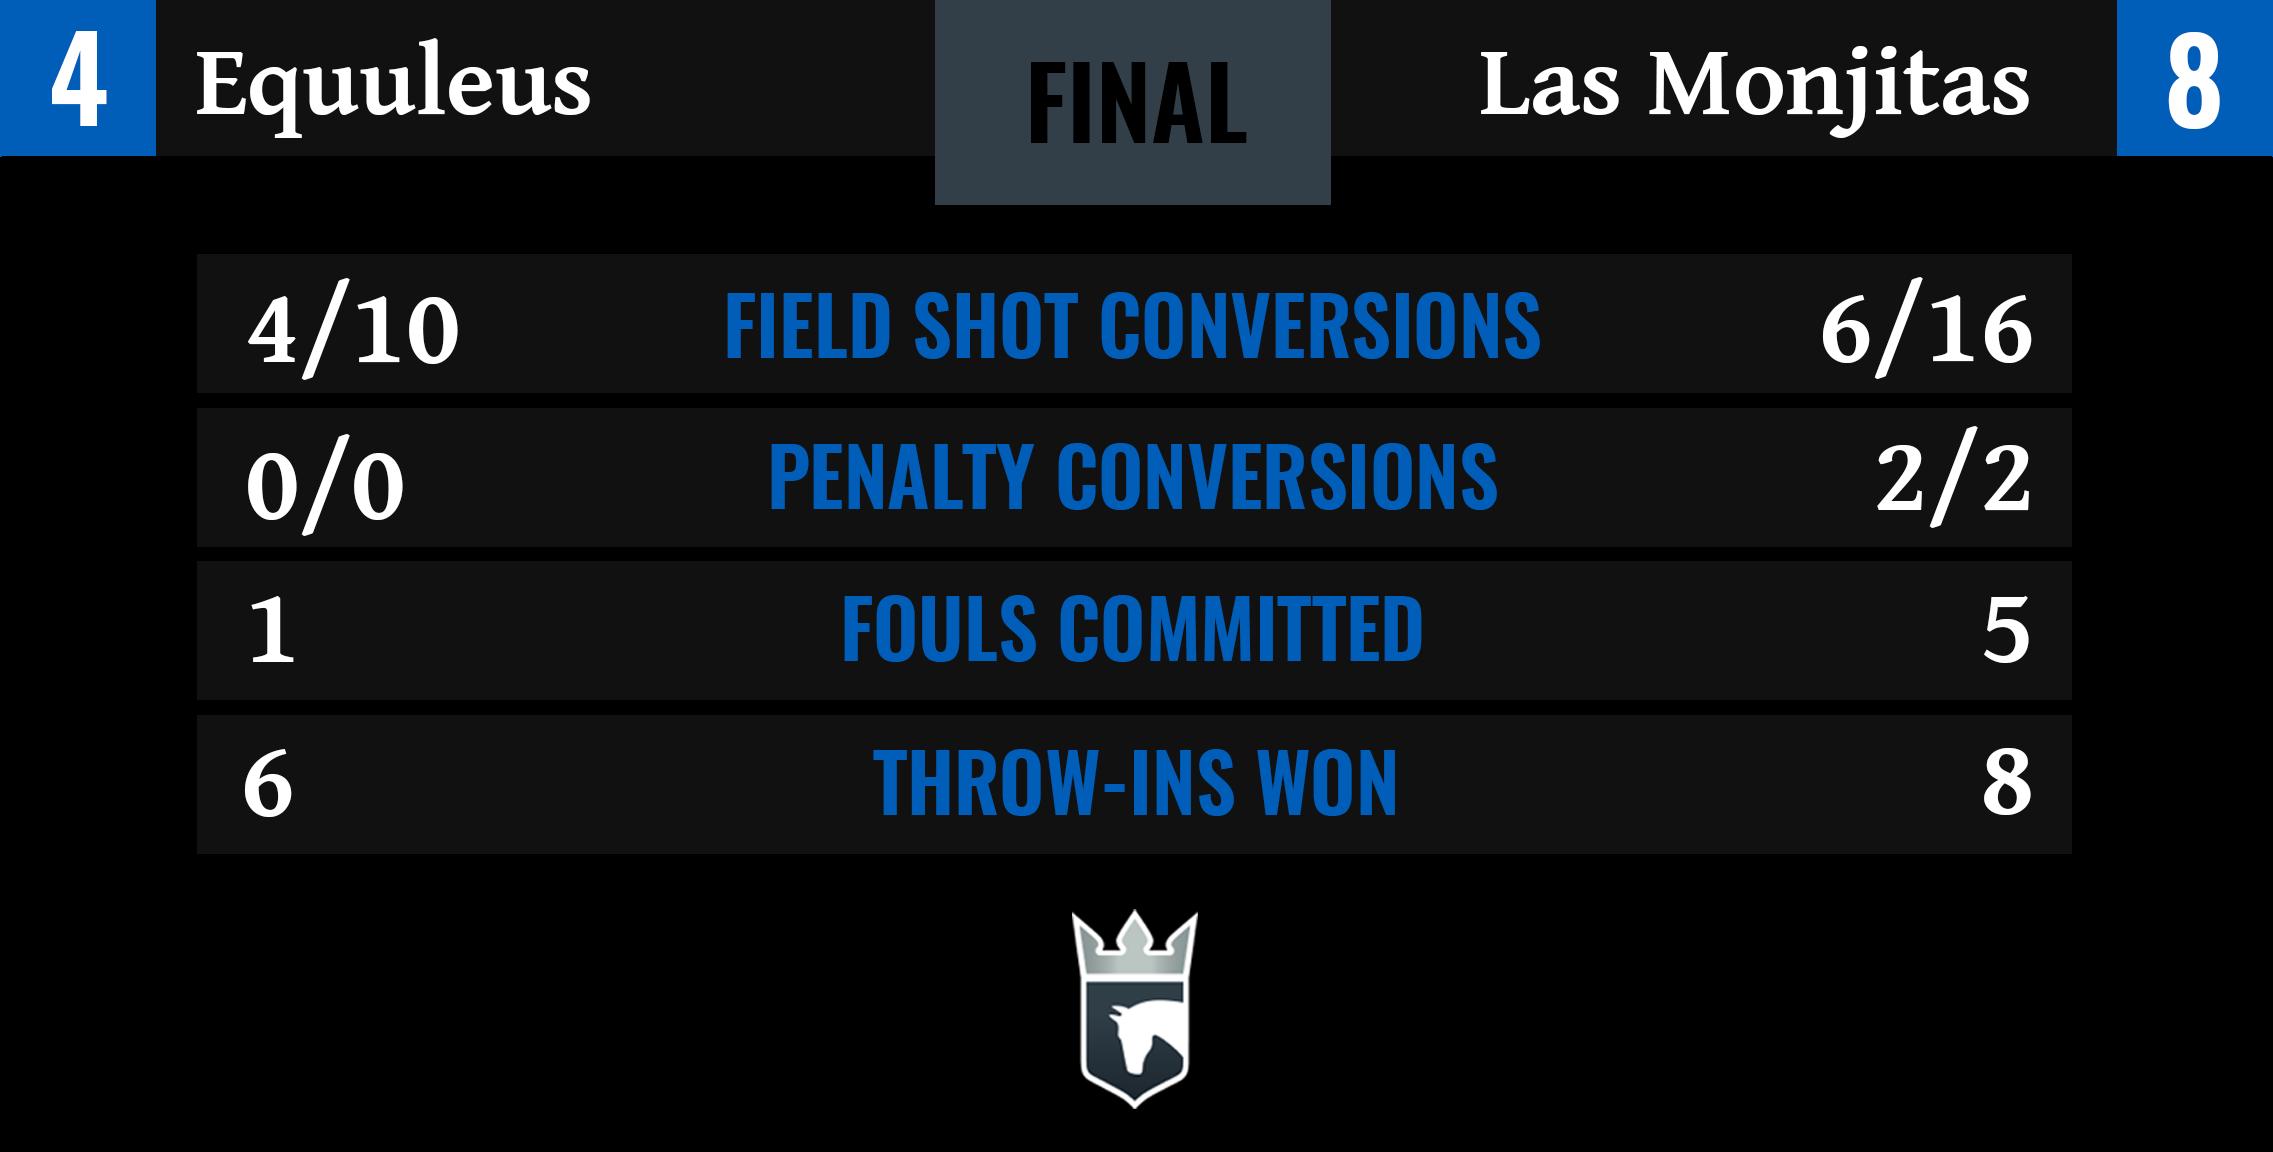 Equuleus vs Las Monjitas Final Stats-1